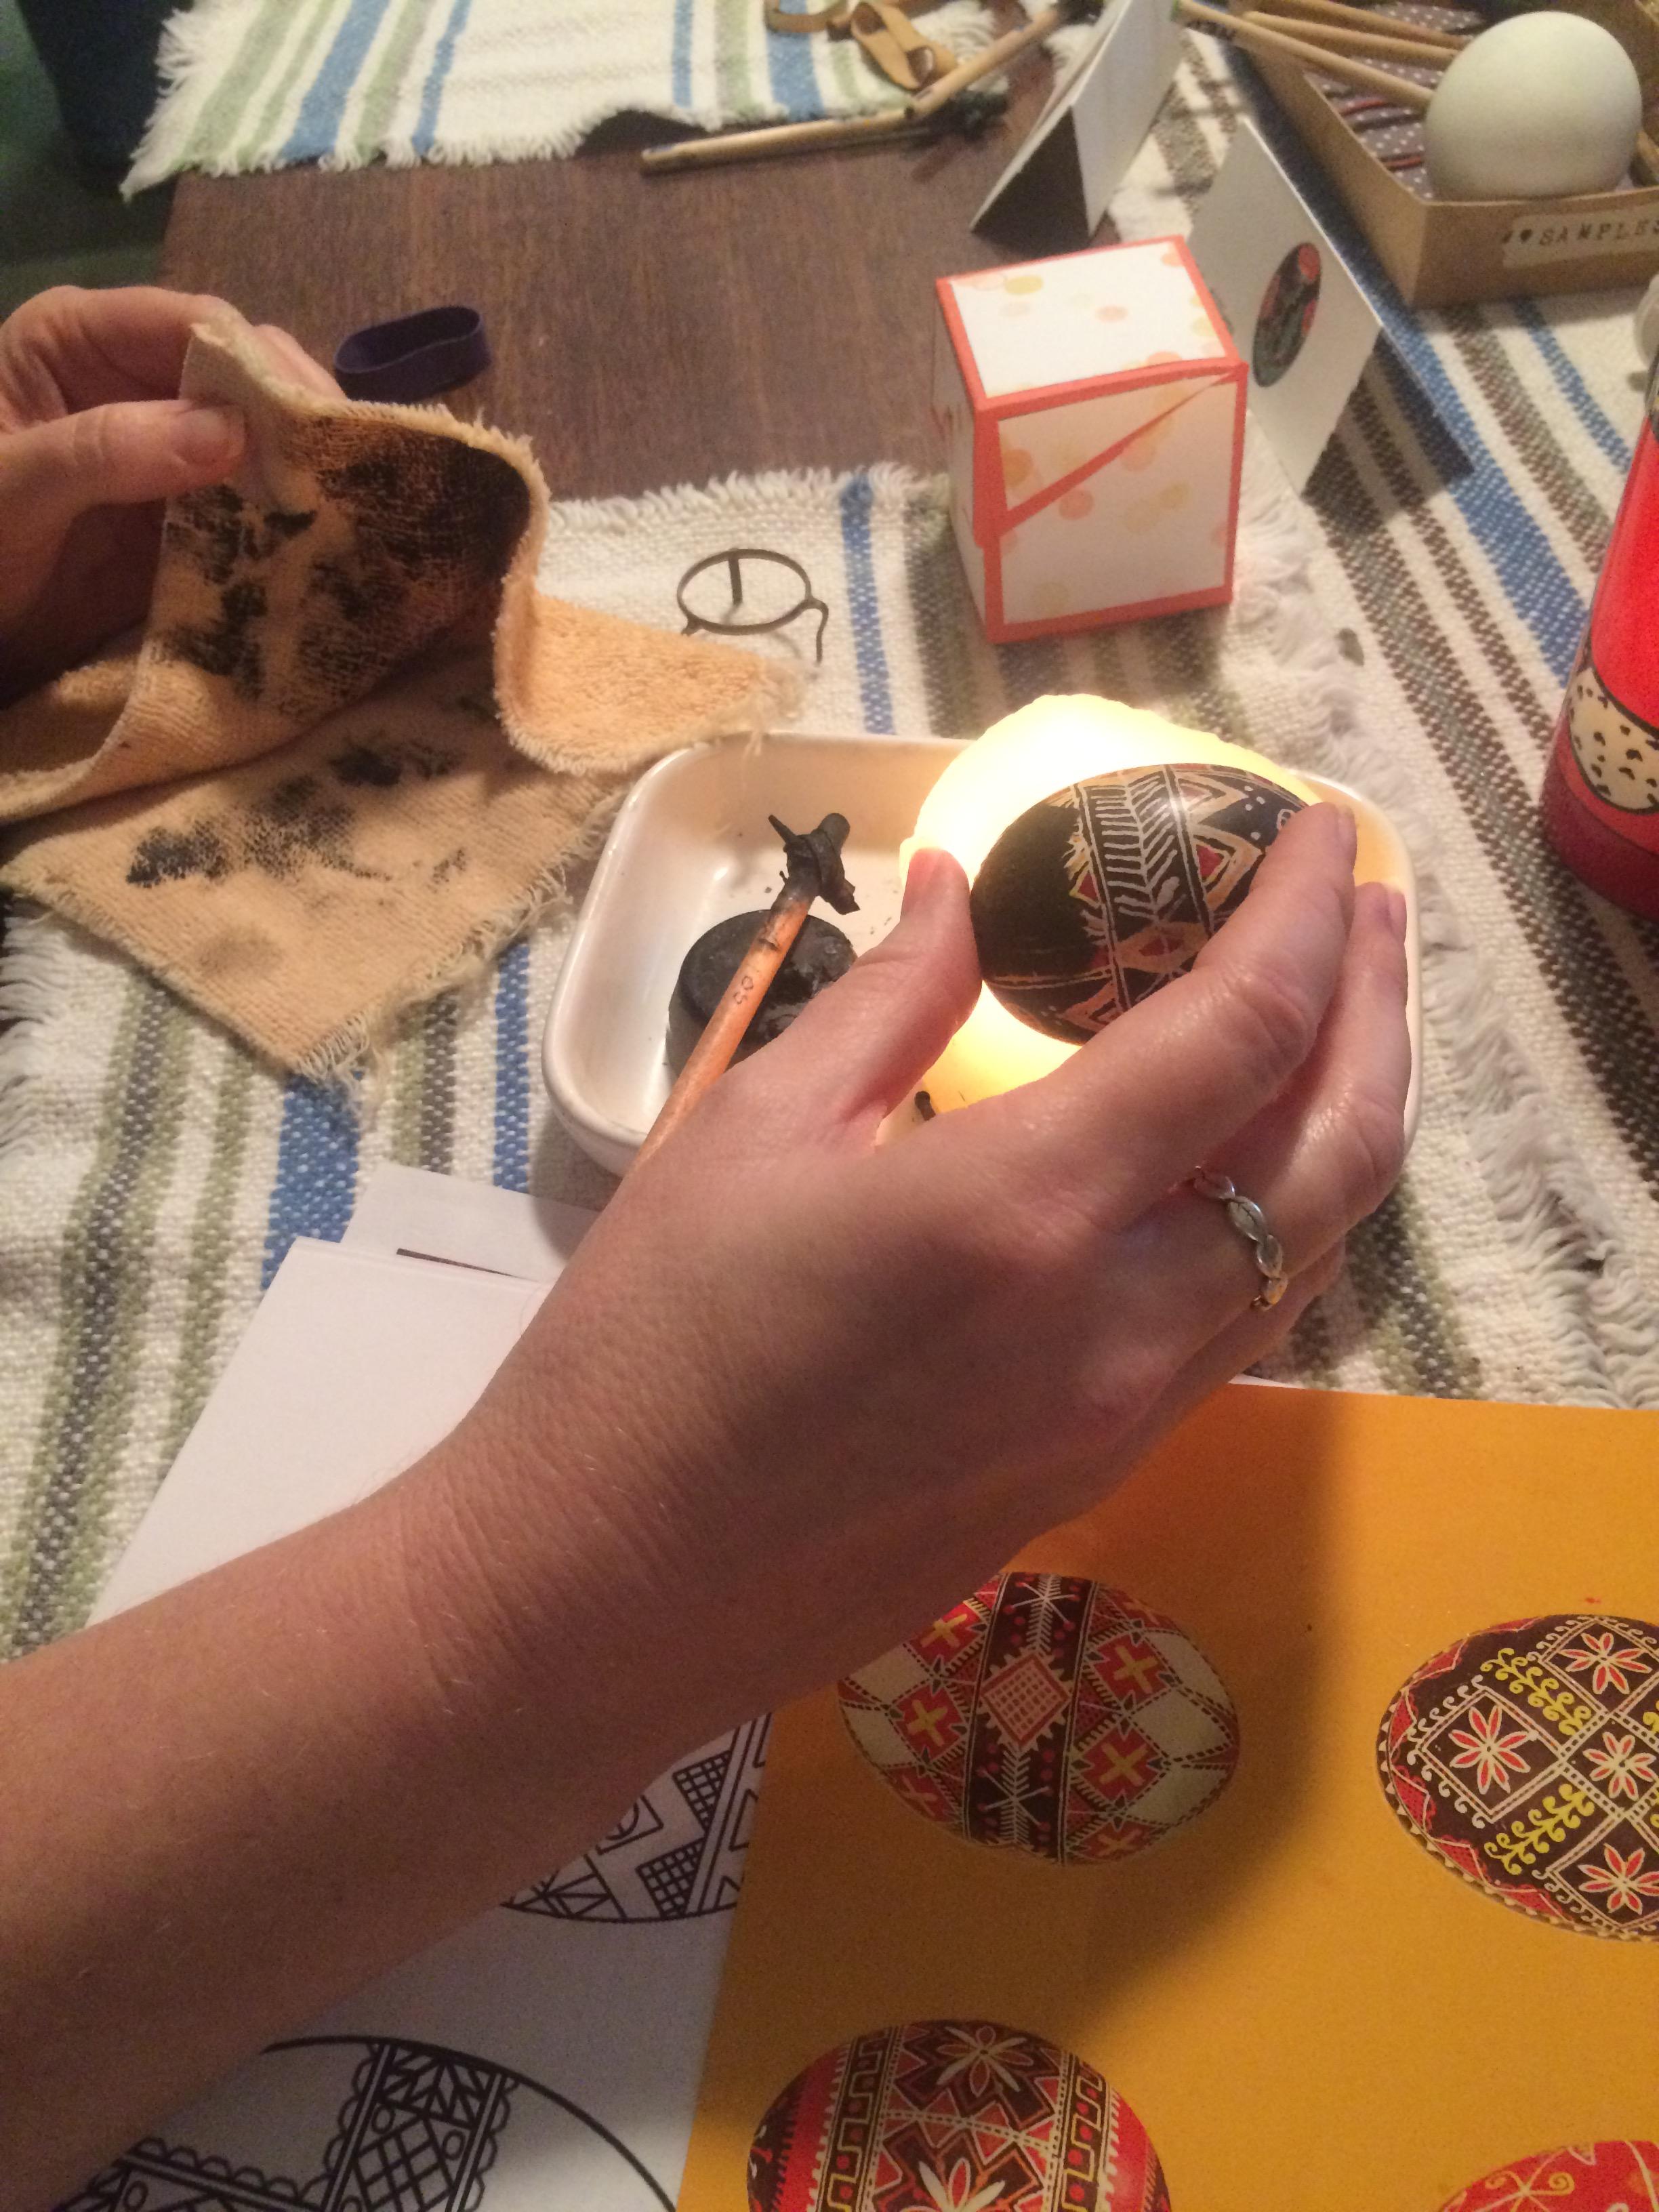 A Pysanky egg in progress